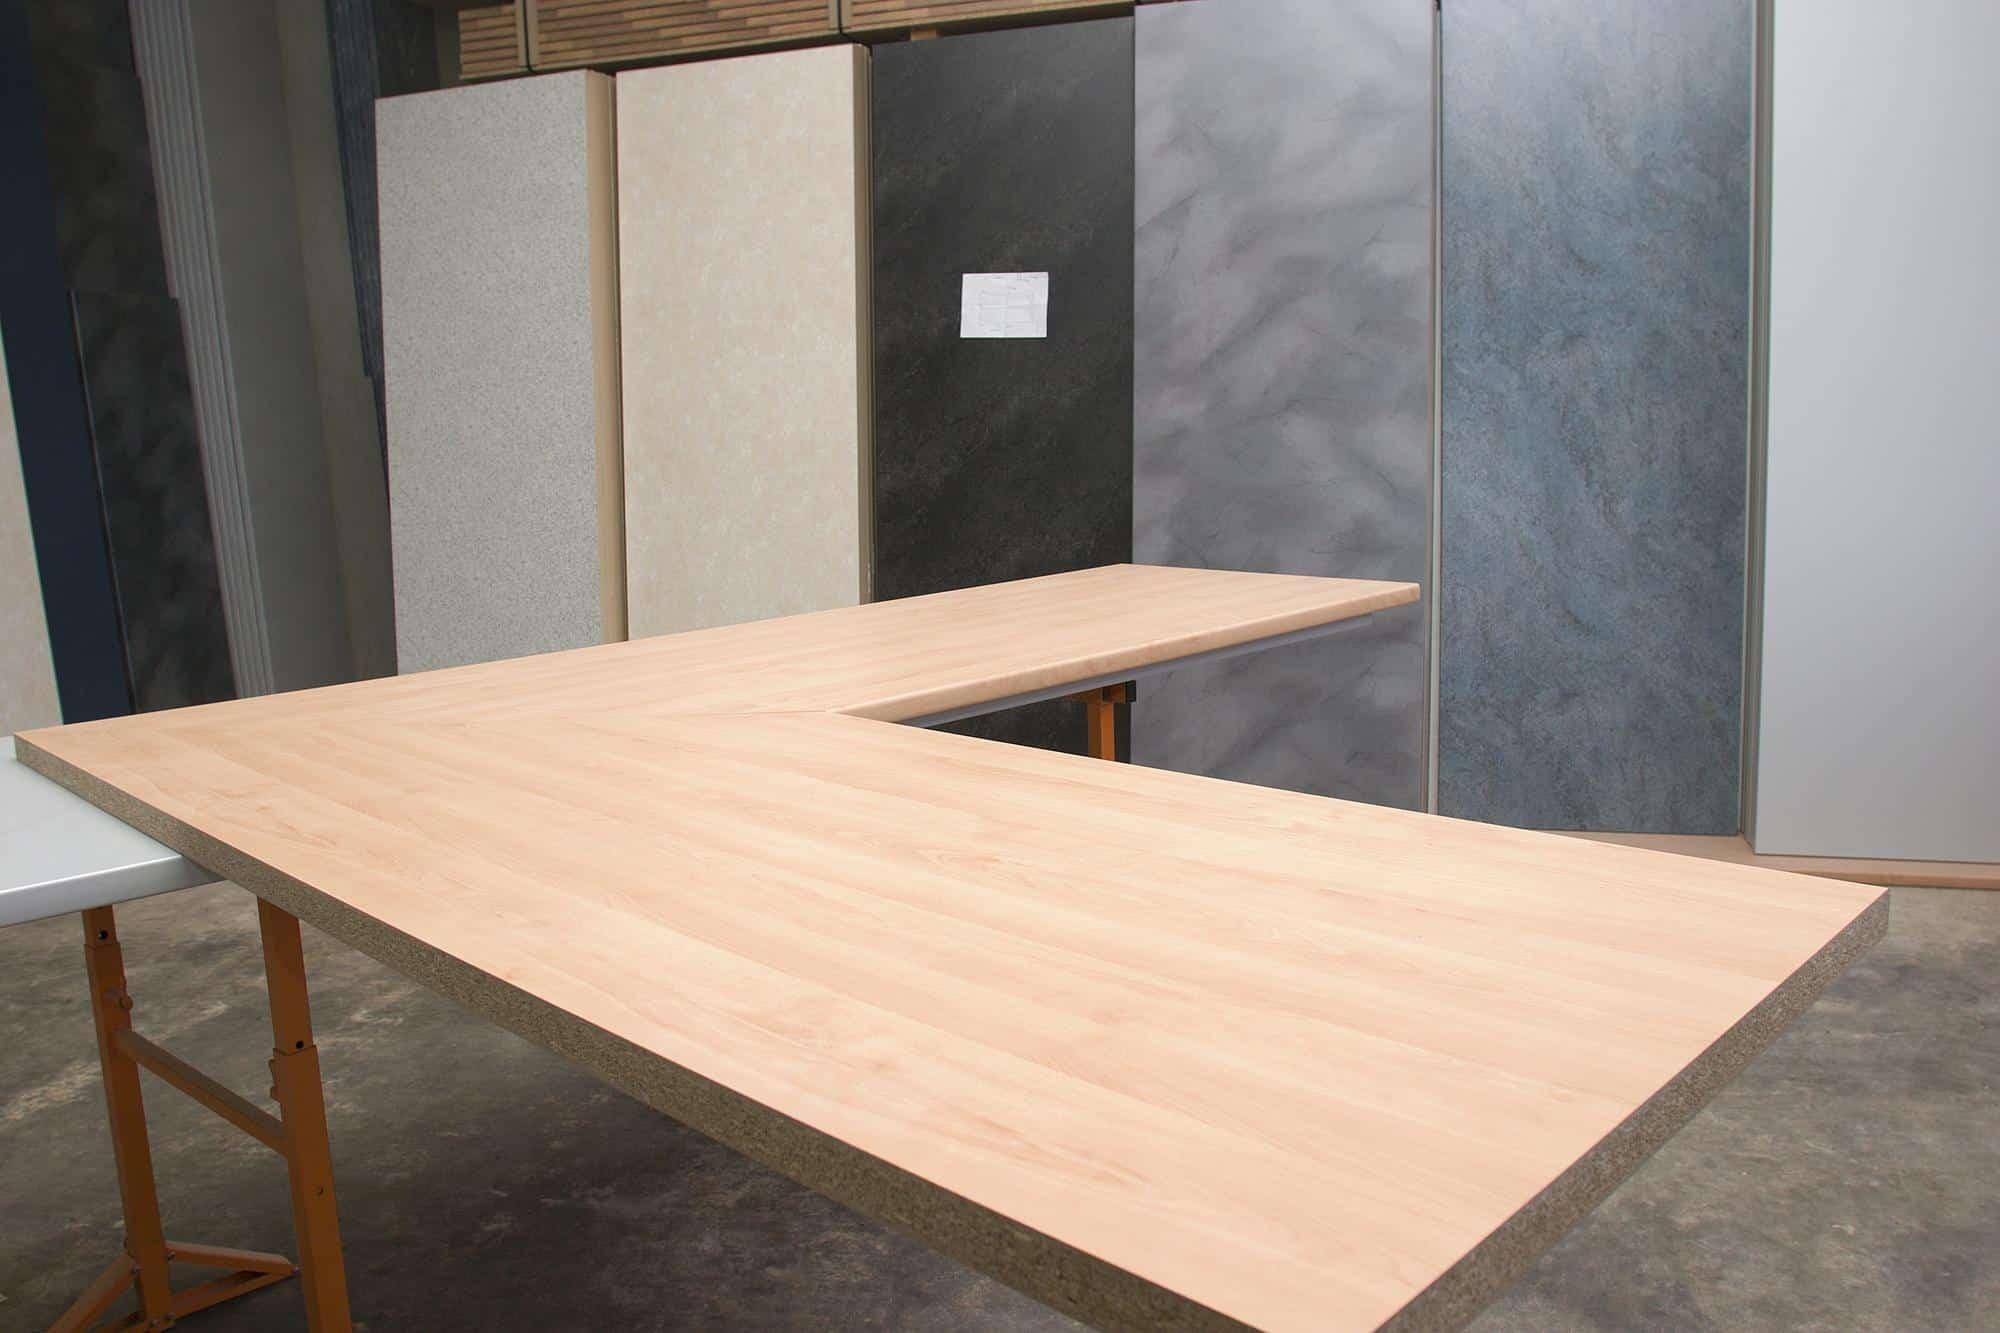 Schreibtischplatten arbeits platten paradies thomas for Schreibtischplatte buche